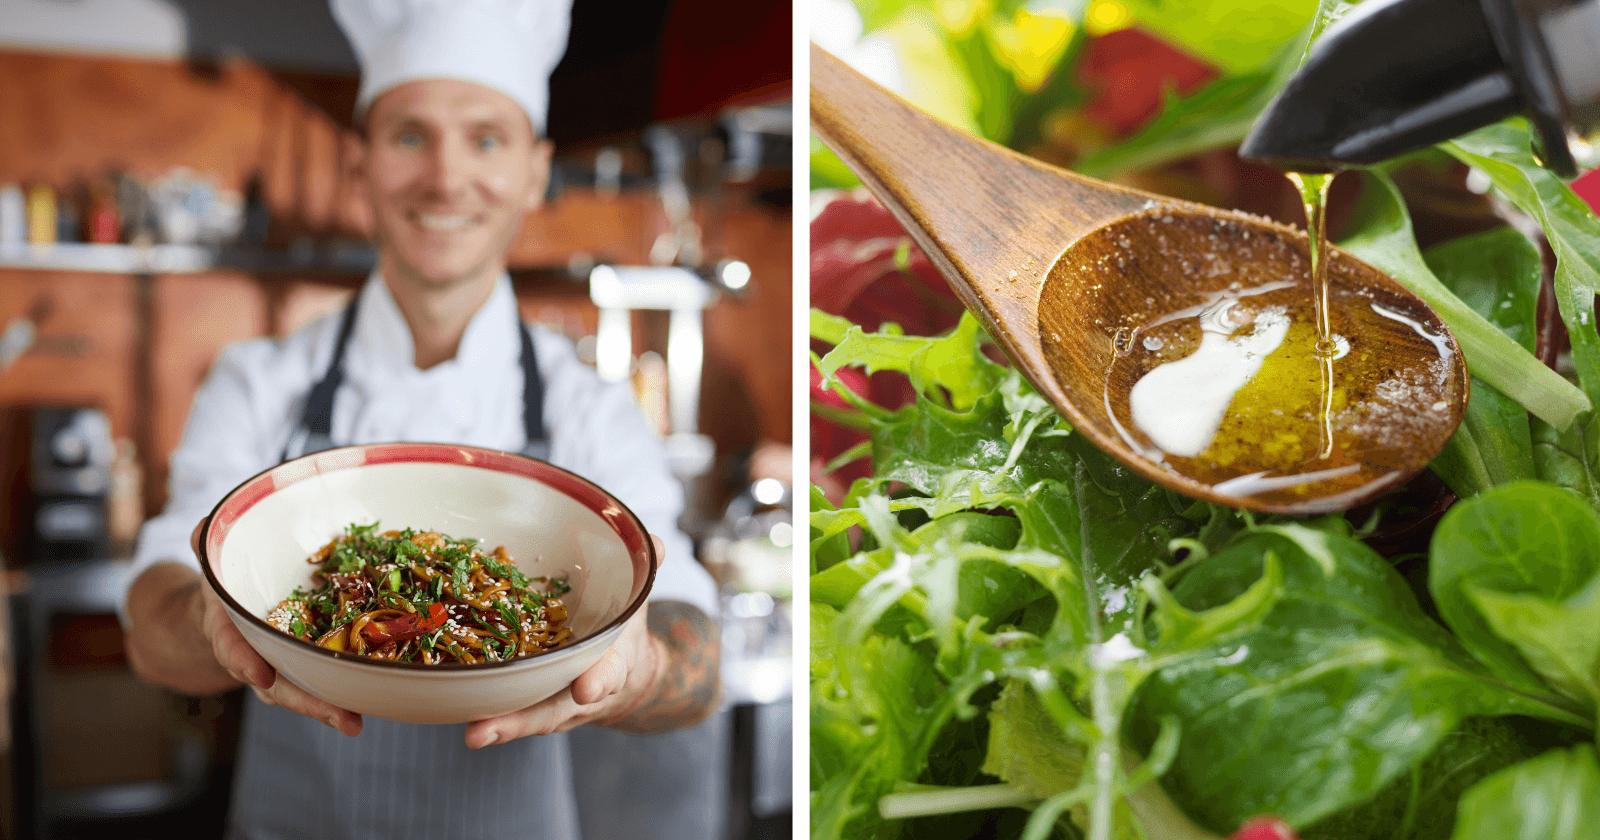 38 Benefícios SENSACIONAIS que te farão adicionar esse alimento EM TUDO!